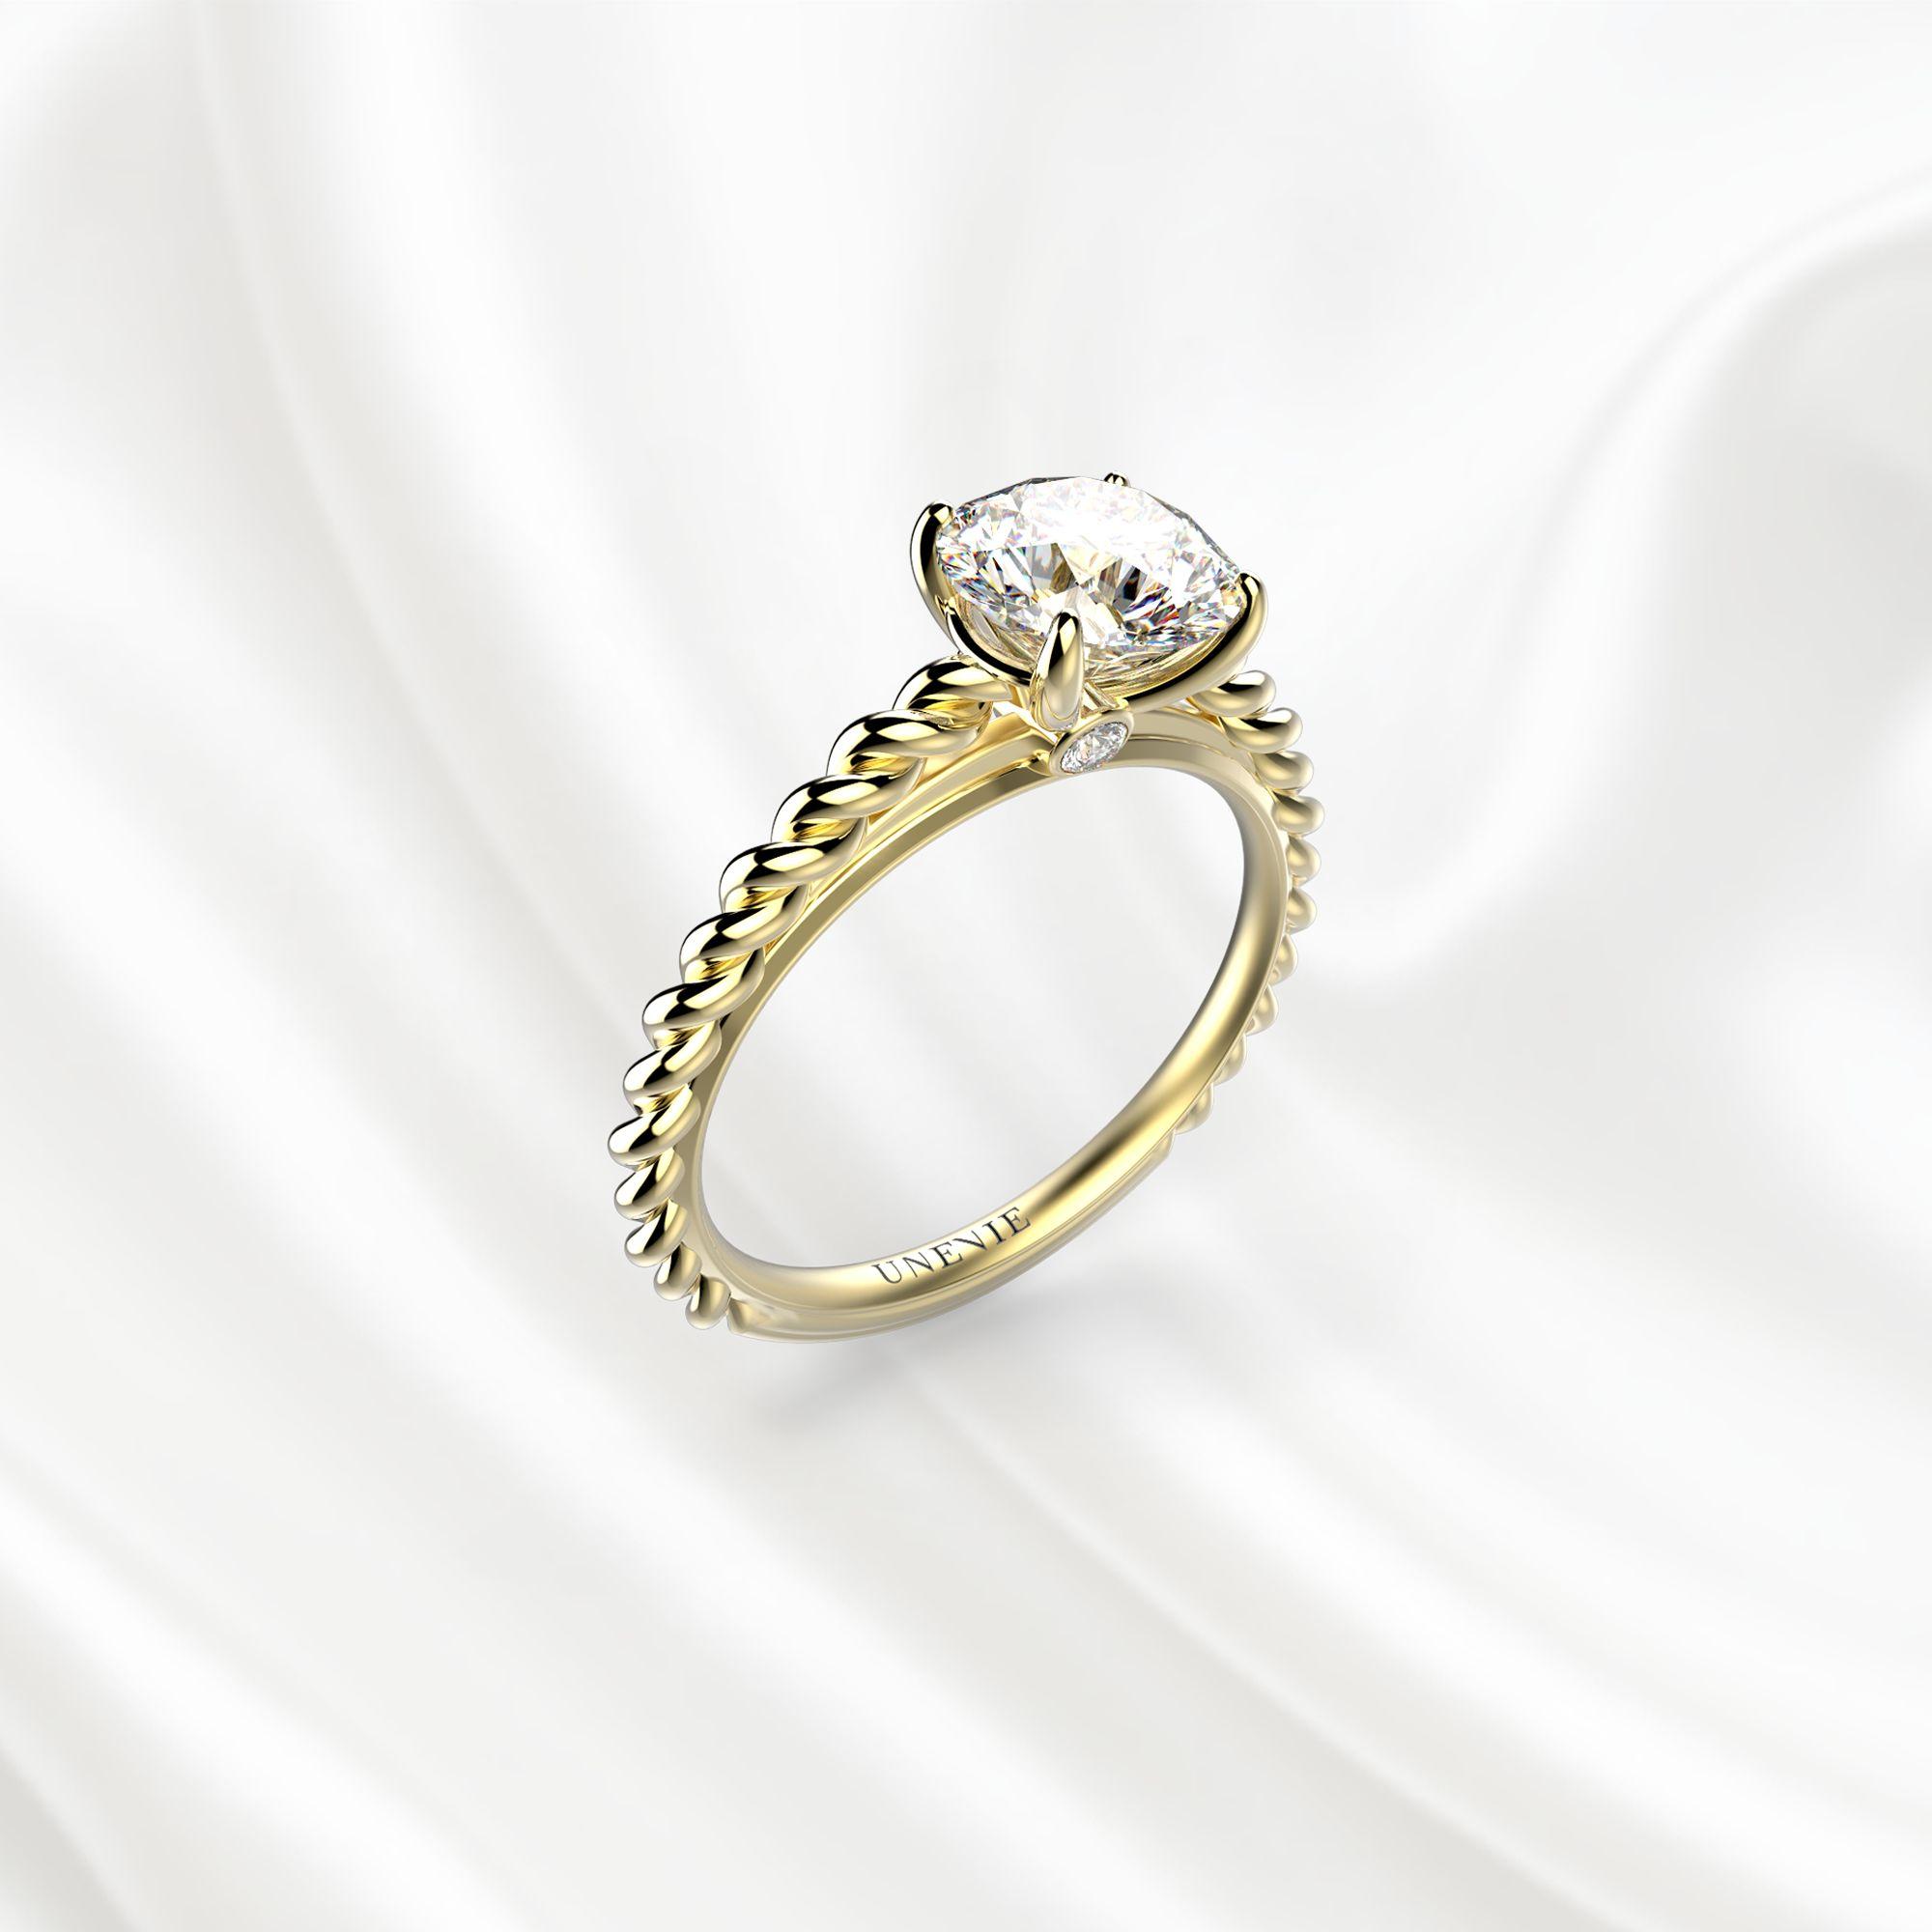 N14 Помолвочное кольцо из желтого золота с бриллиантом 0.6 карат